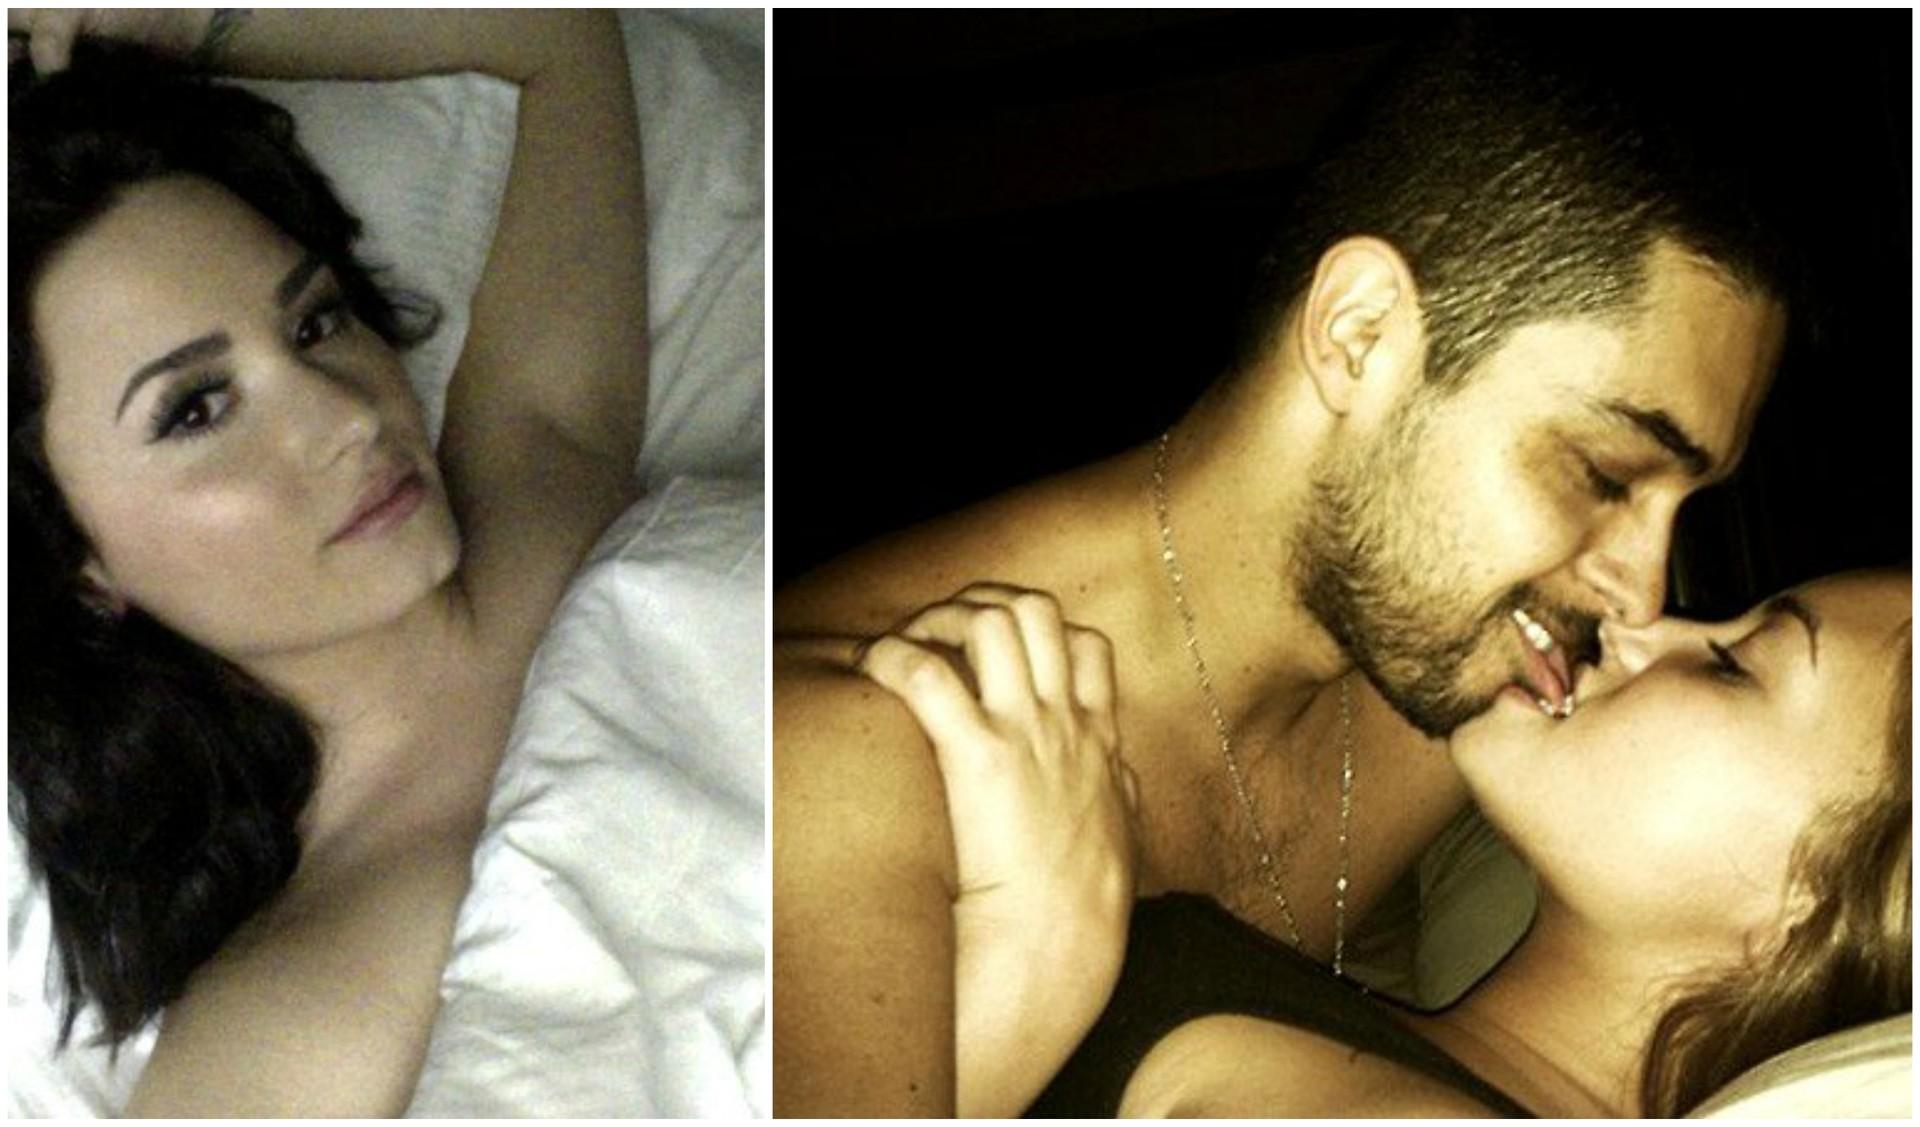 No início de abril, vários sites estrangeiros vazaram fotos íntimas que seriam do celular da cantora e atriz Demi Lovato. Ela aparece muito à vontade com o namorado, o ator Wilmer Valderrama. (Foto: Reprodução)